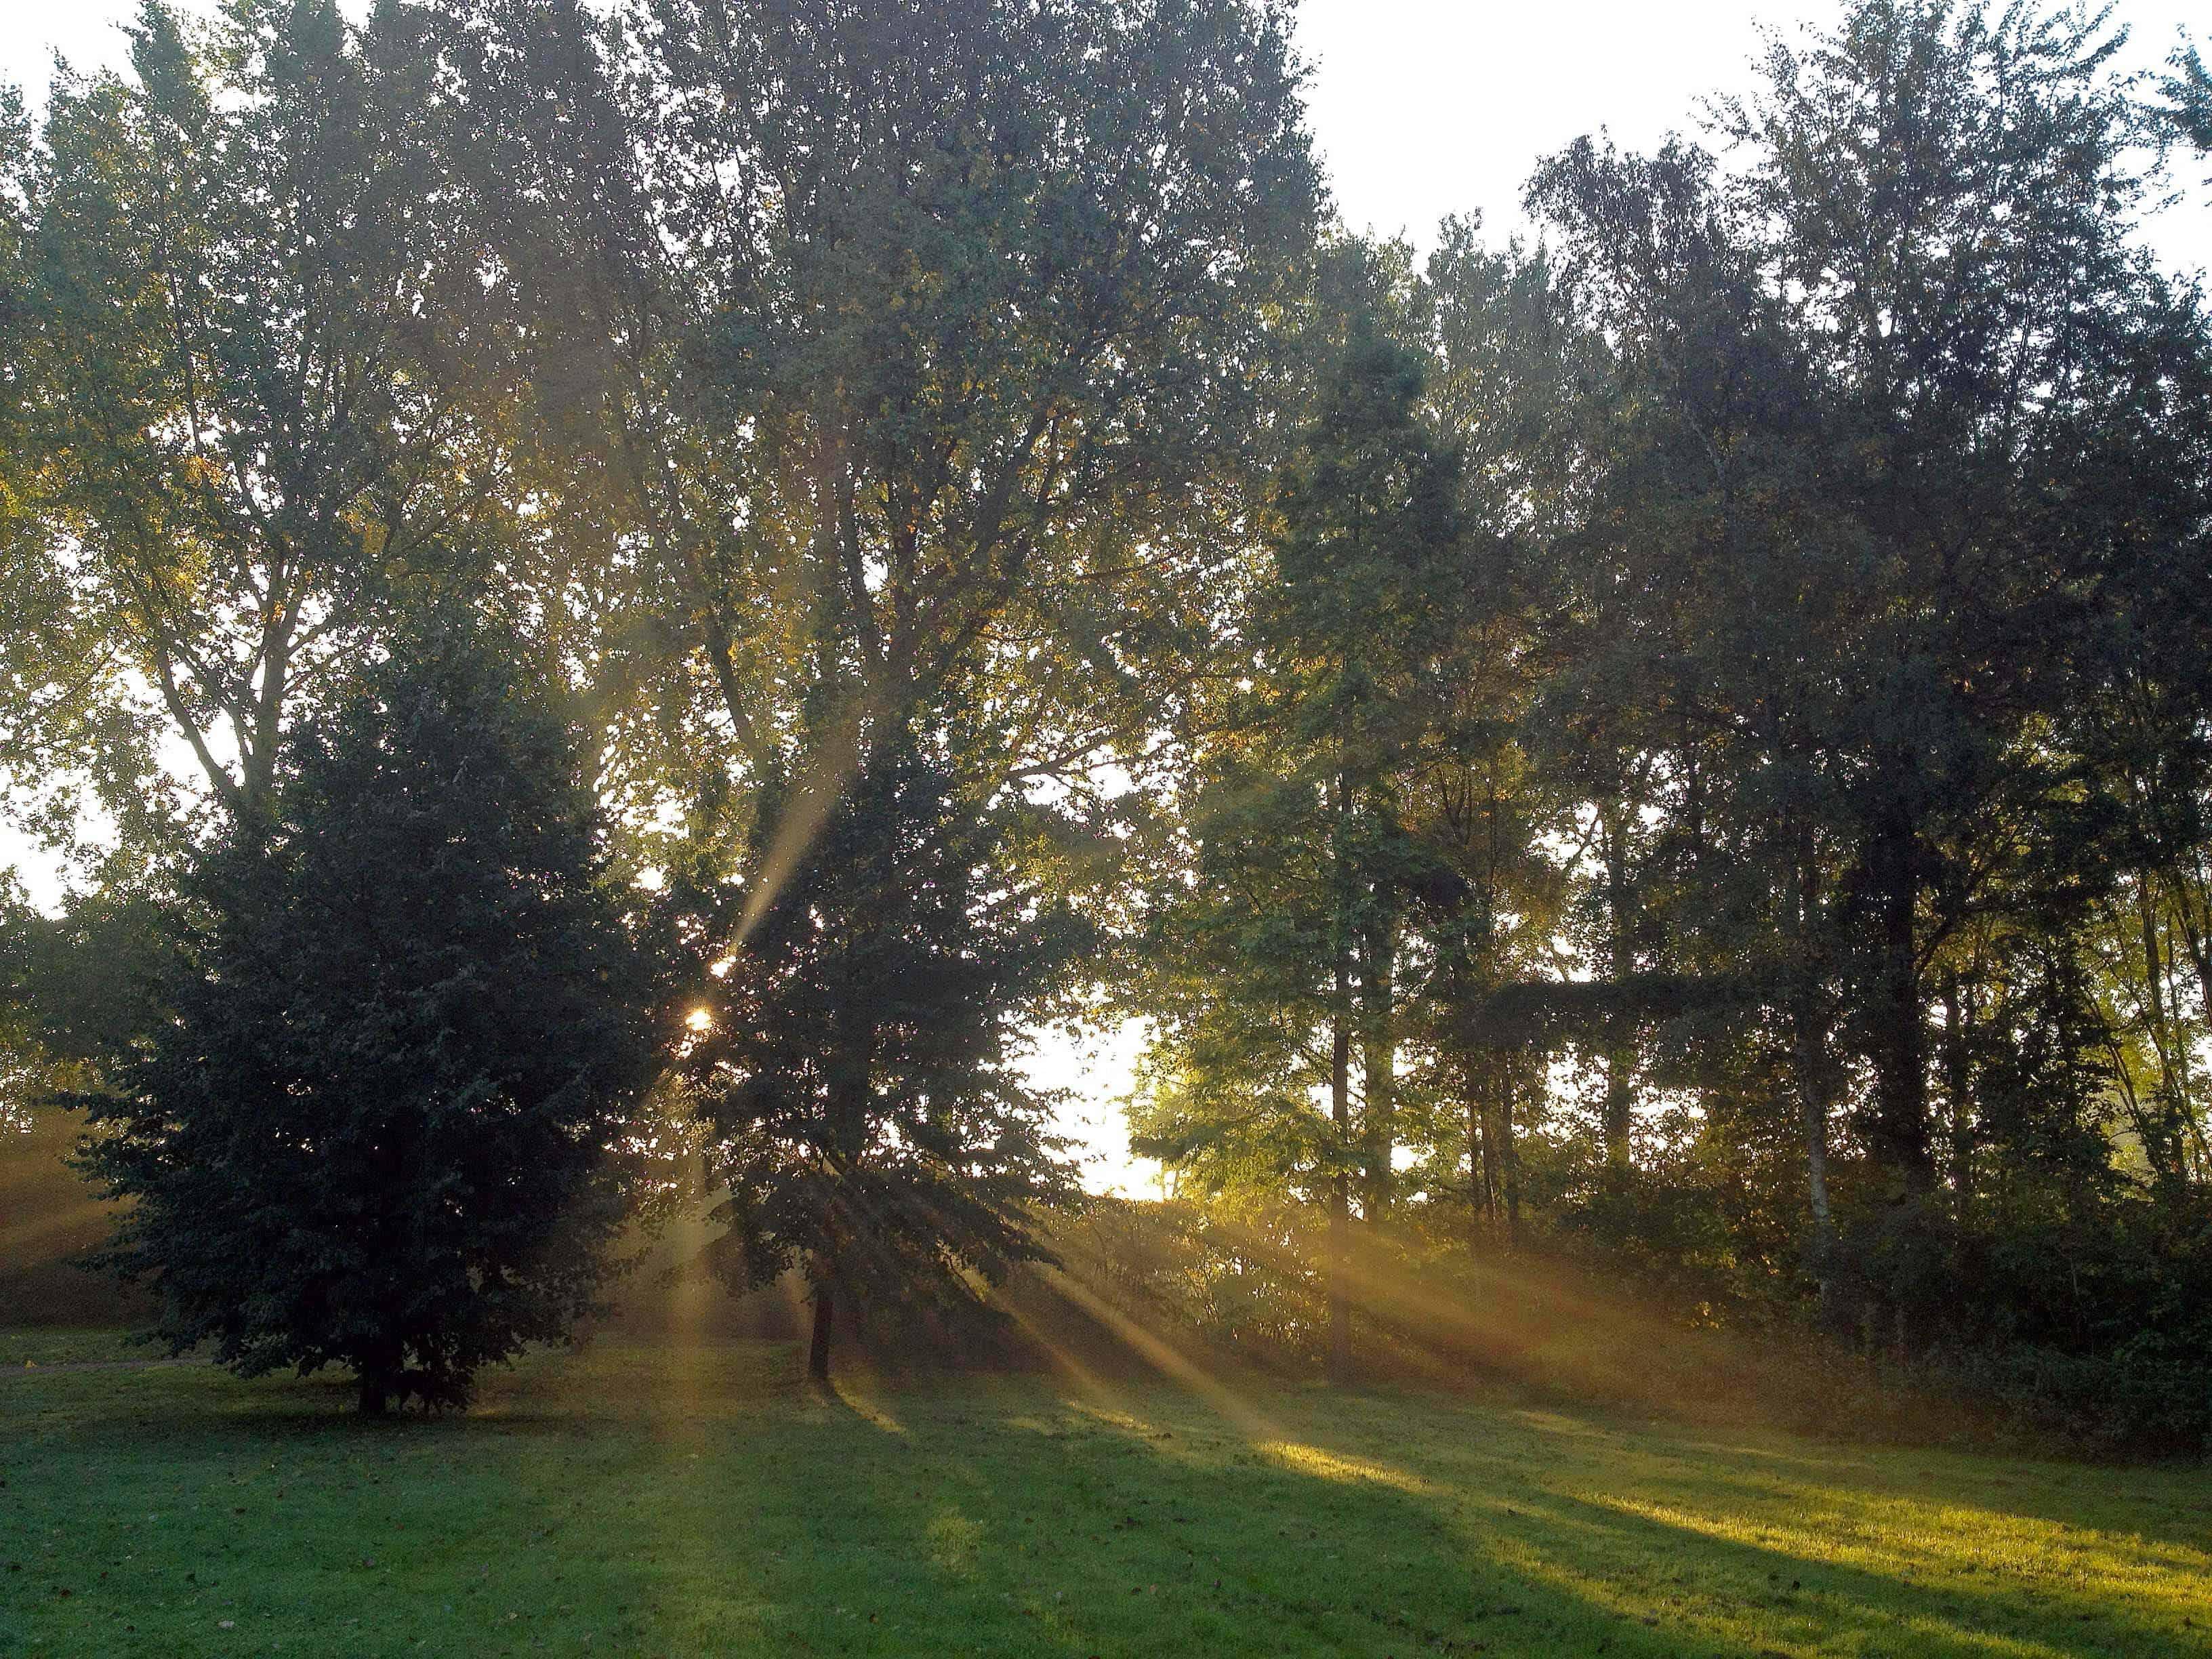 Zonnestralen schijnen door de bomen op het gras tijdens mindful wandelen